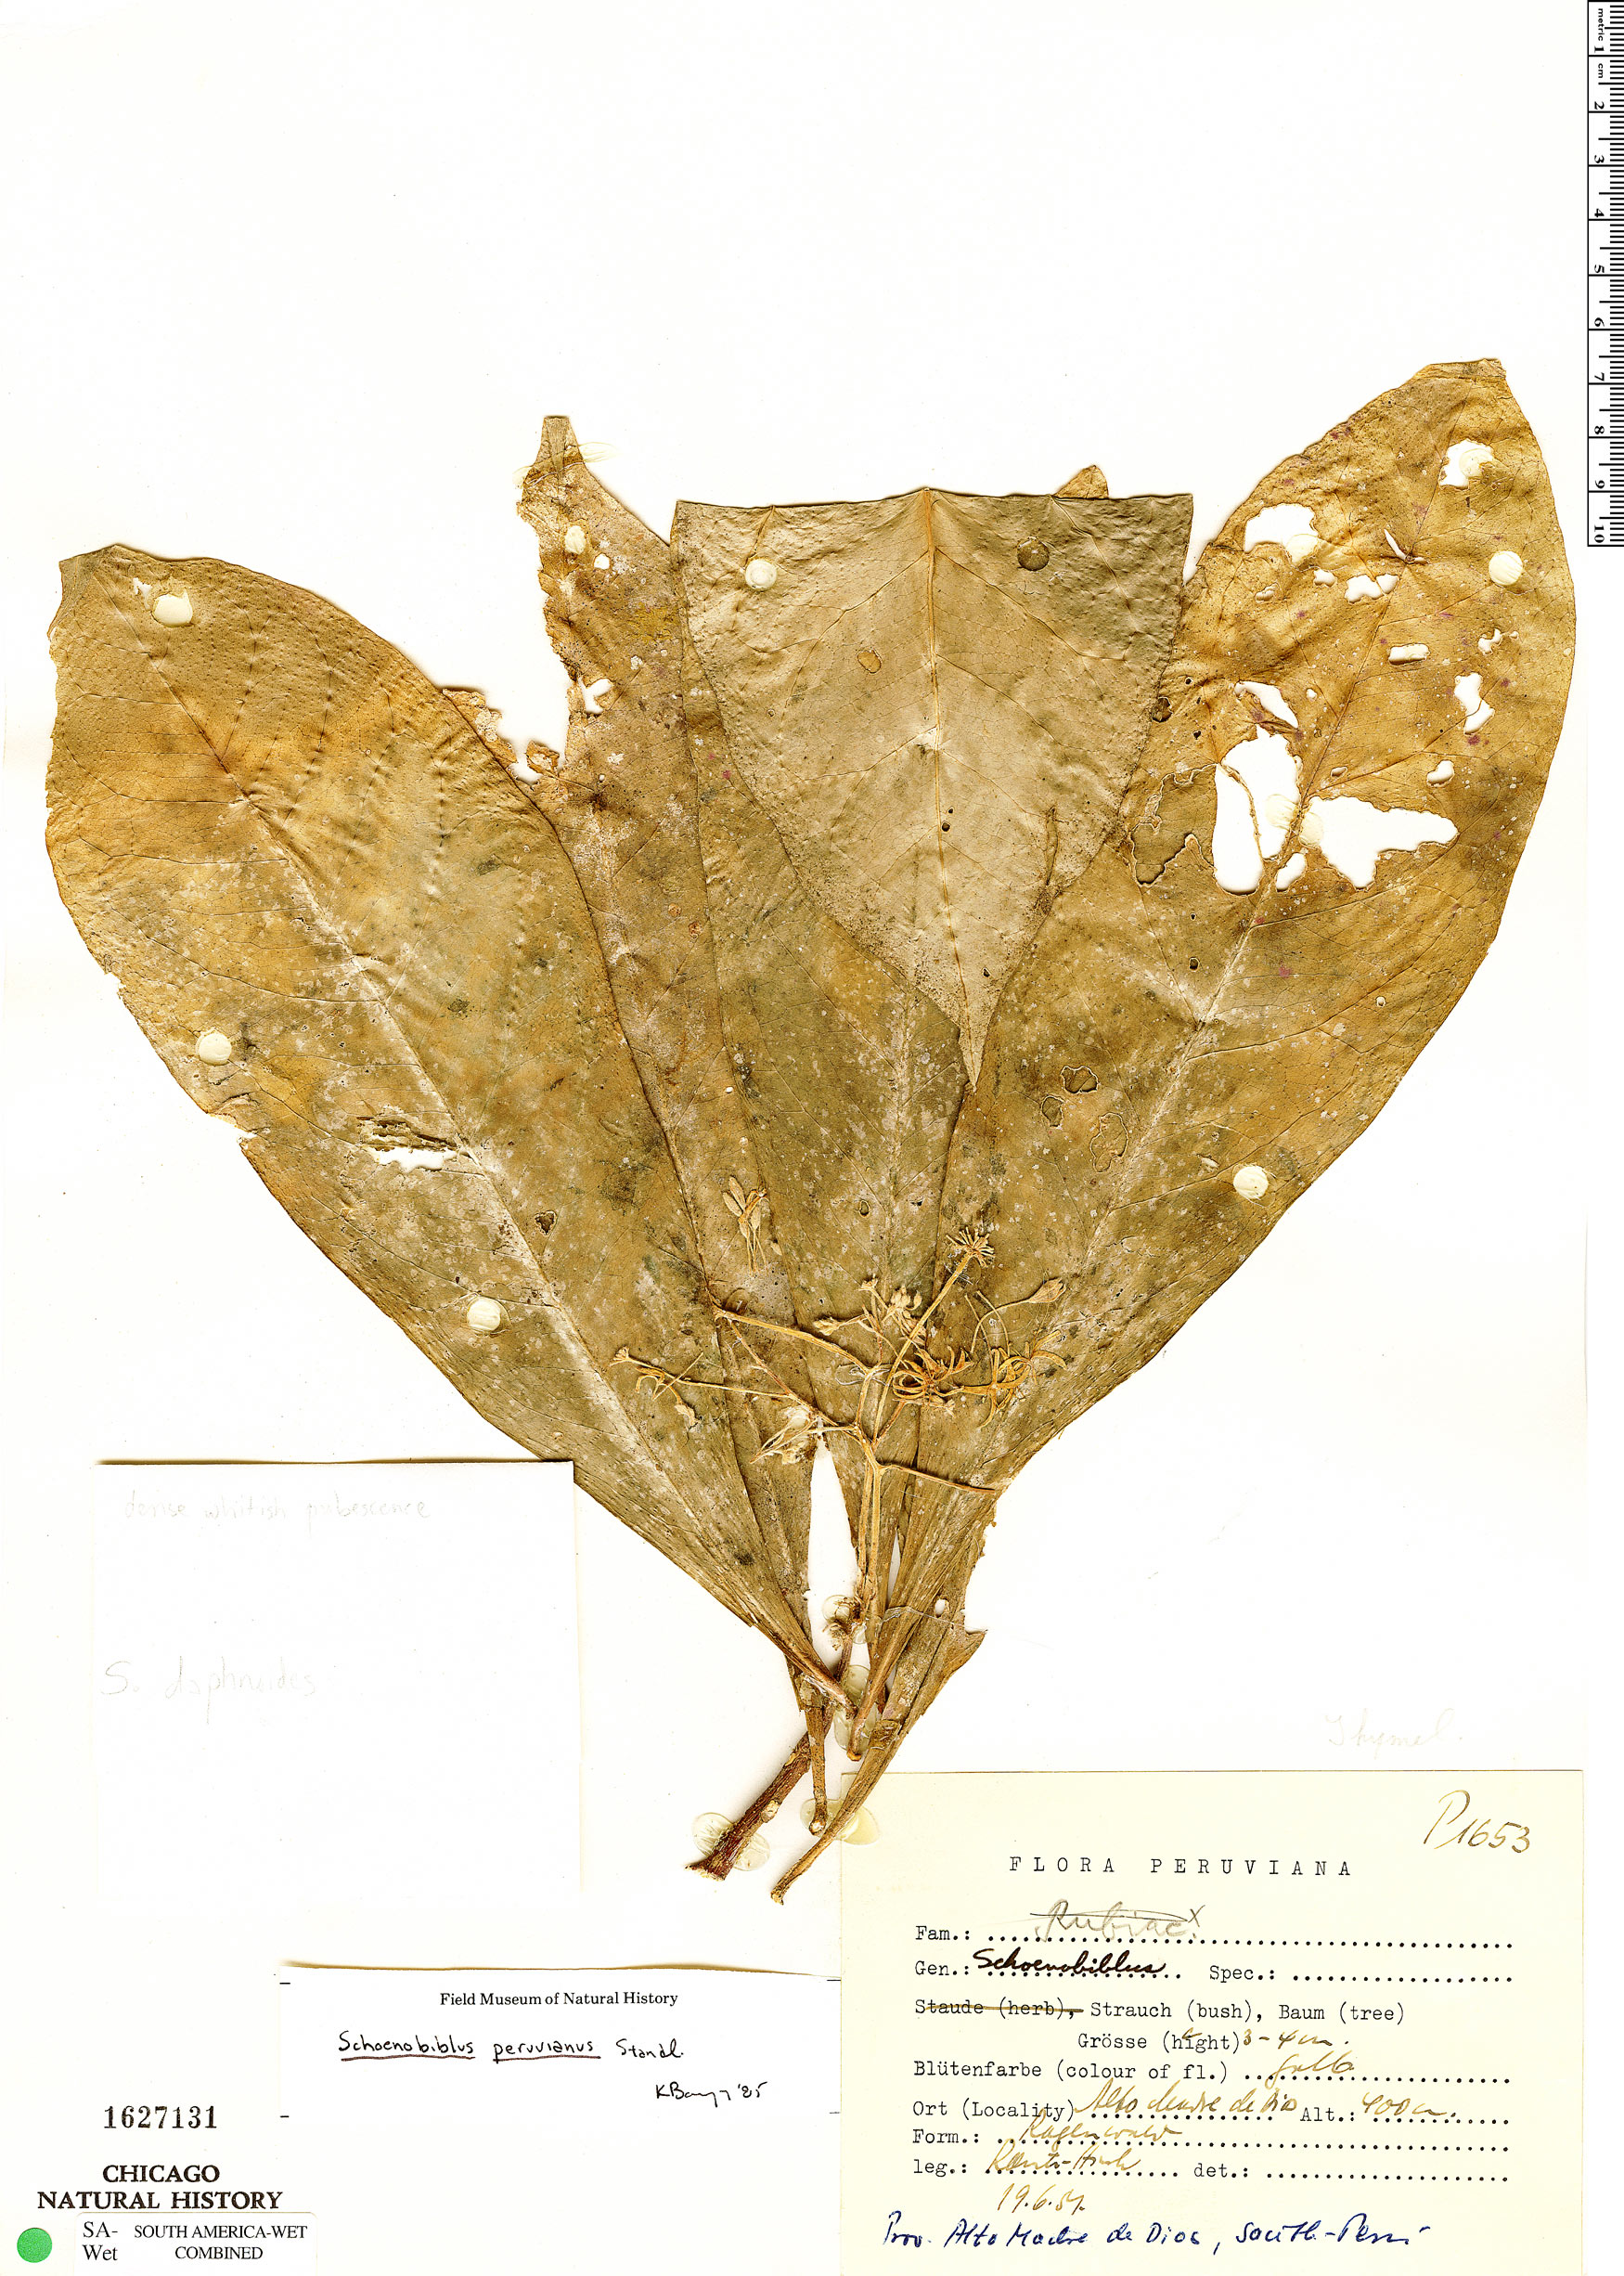 Specimen: Schoenobiblus peruvianus